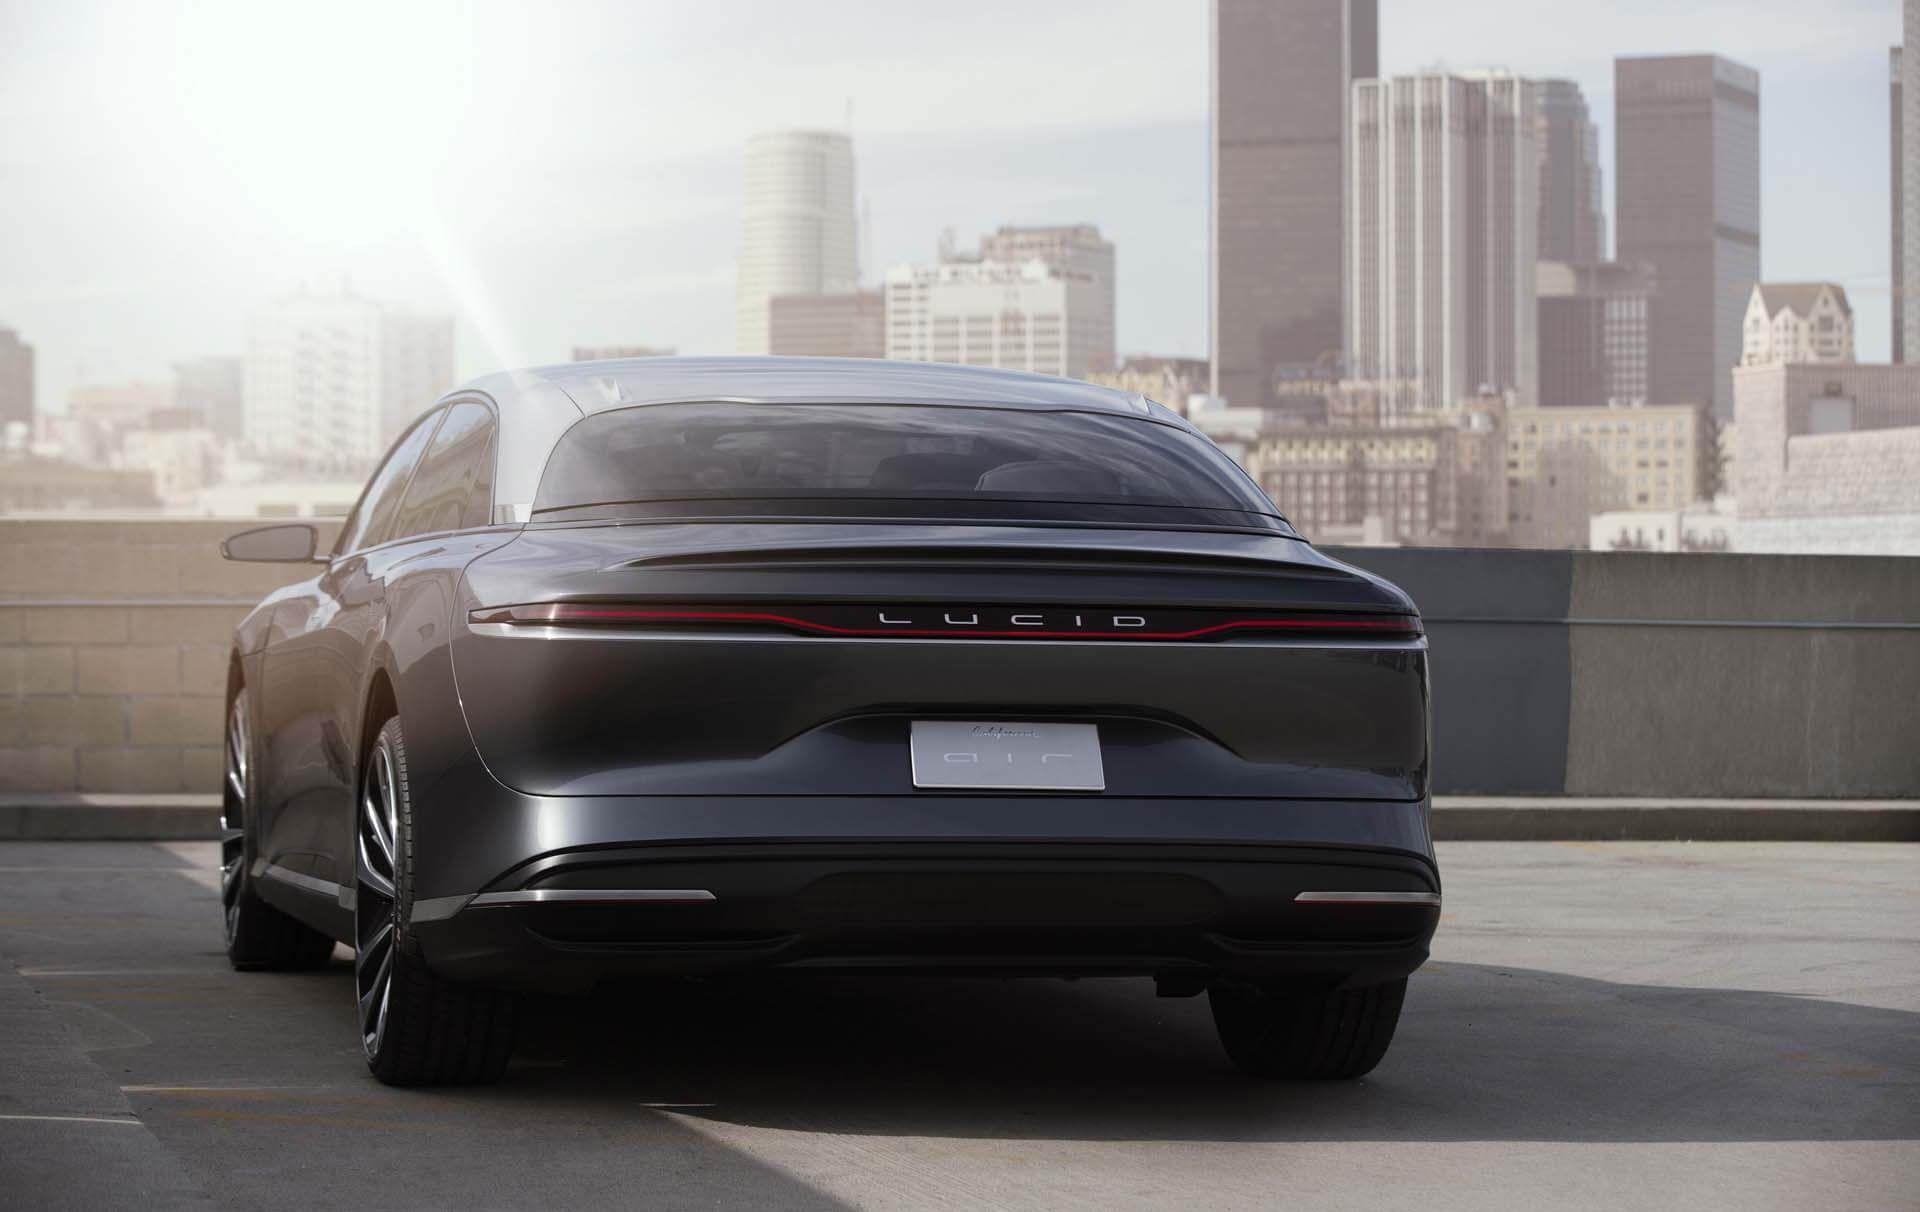 Lucid Air Luxury EV Electric Sedan in 2020 Hybrid